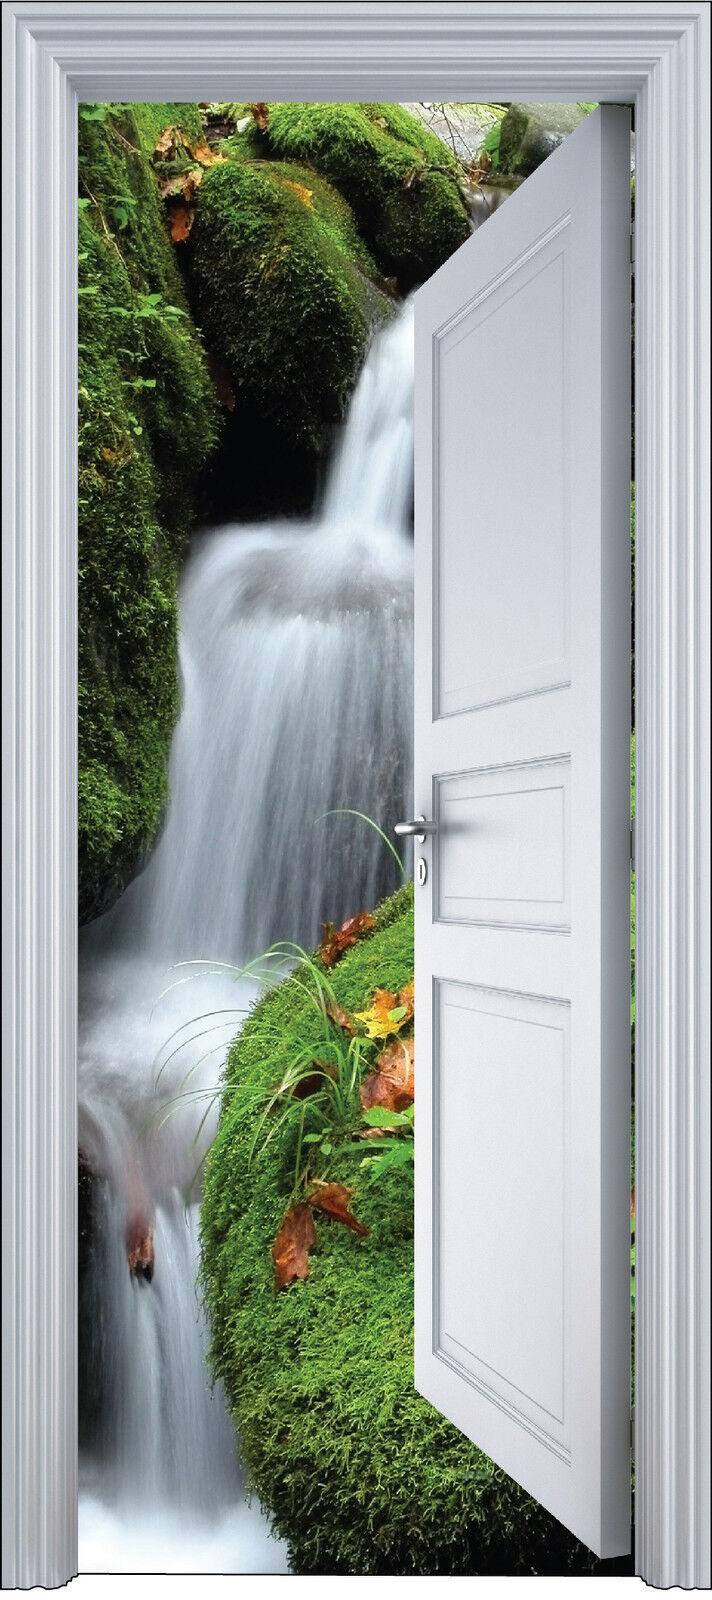 Aufkleber Tür Schein Auge Deko Wasserfälle 90x200 cm Ref 2111